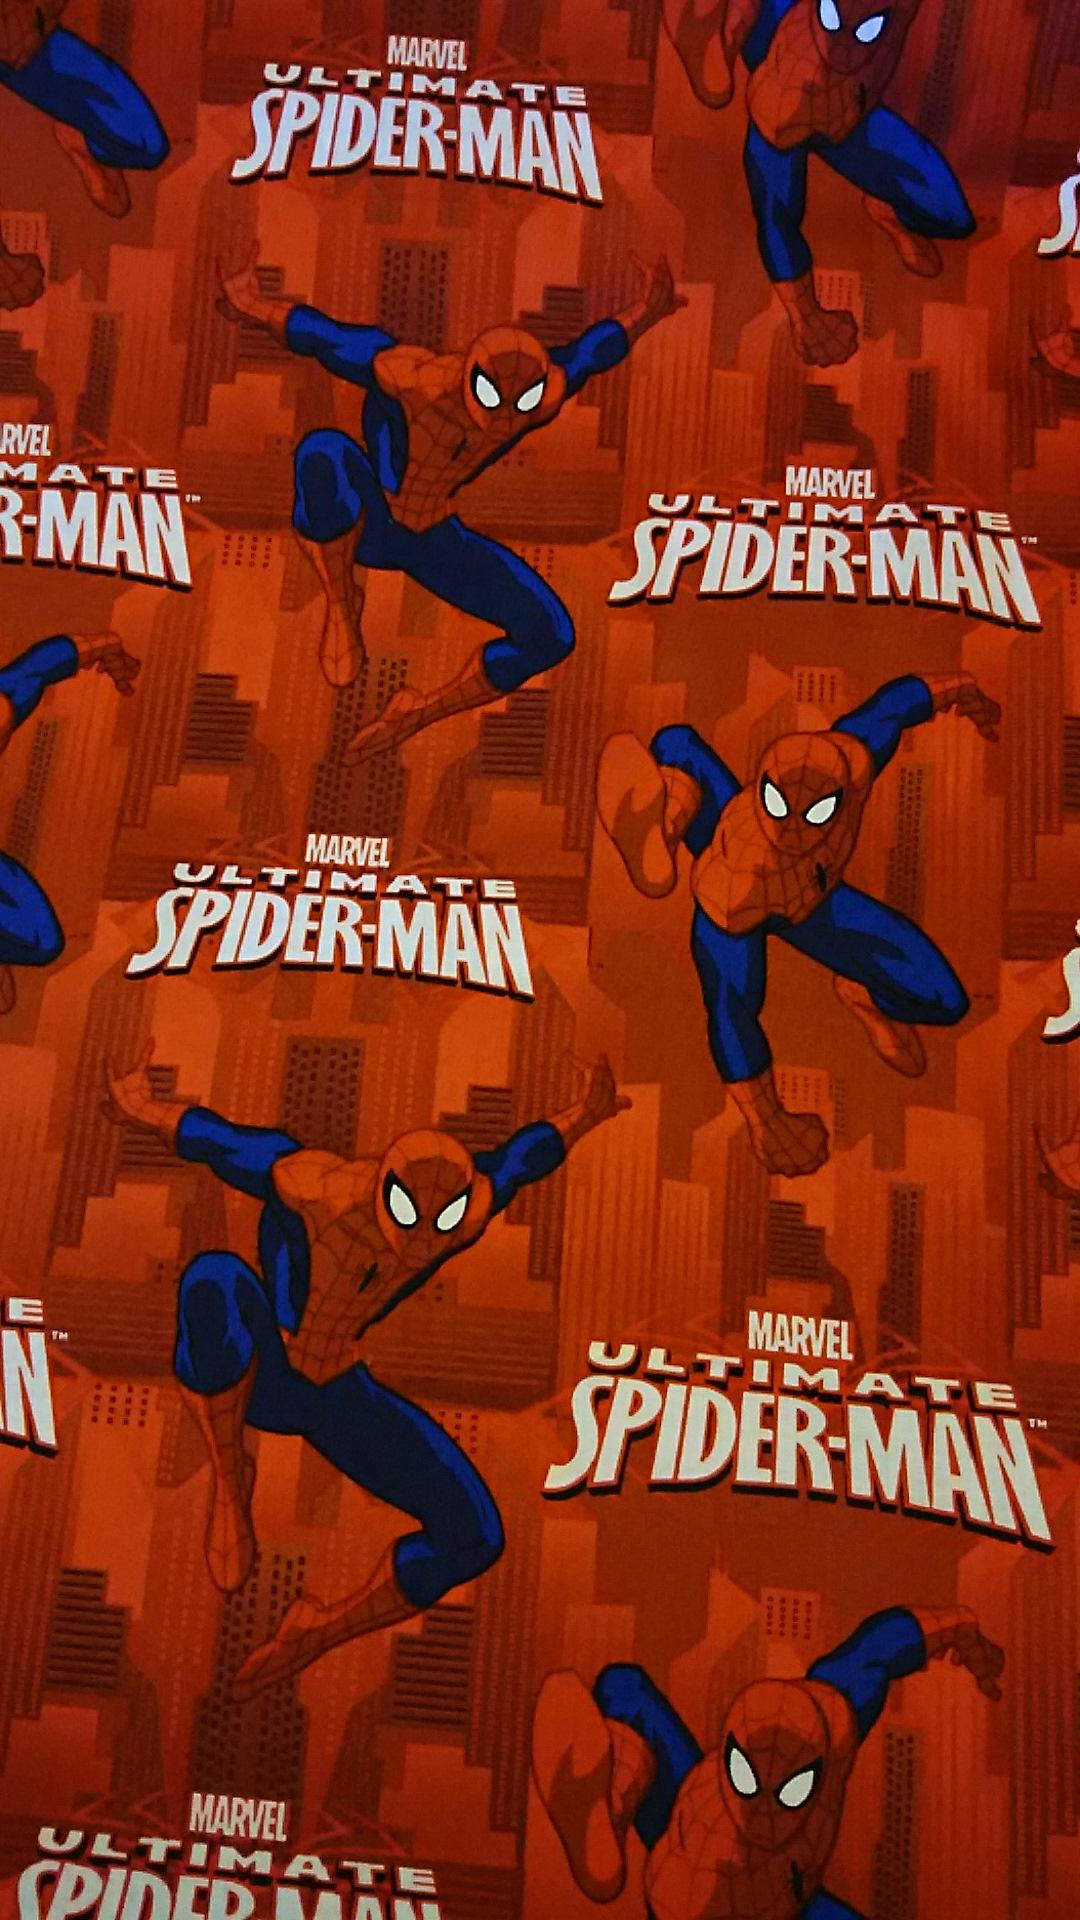 スパイダーマン柄の布地